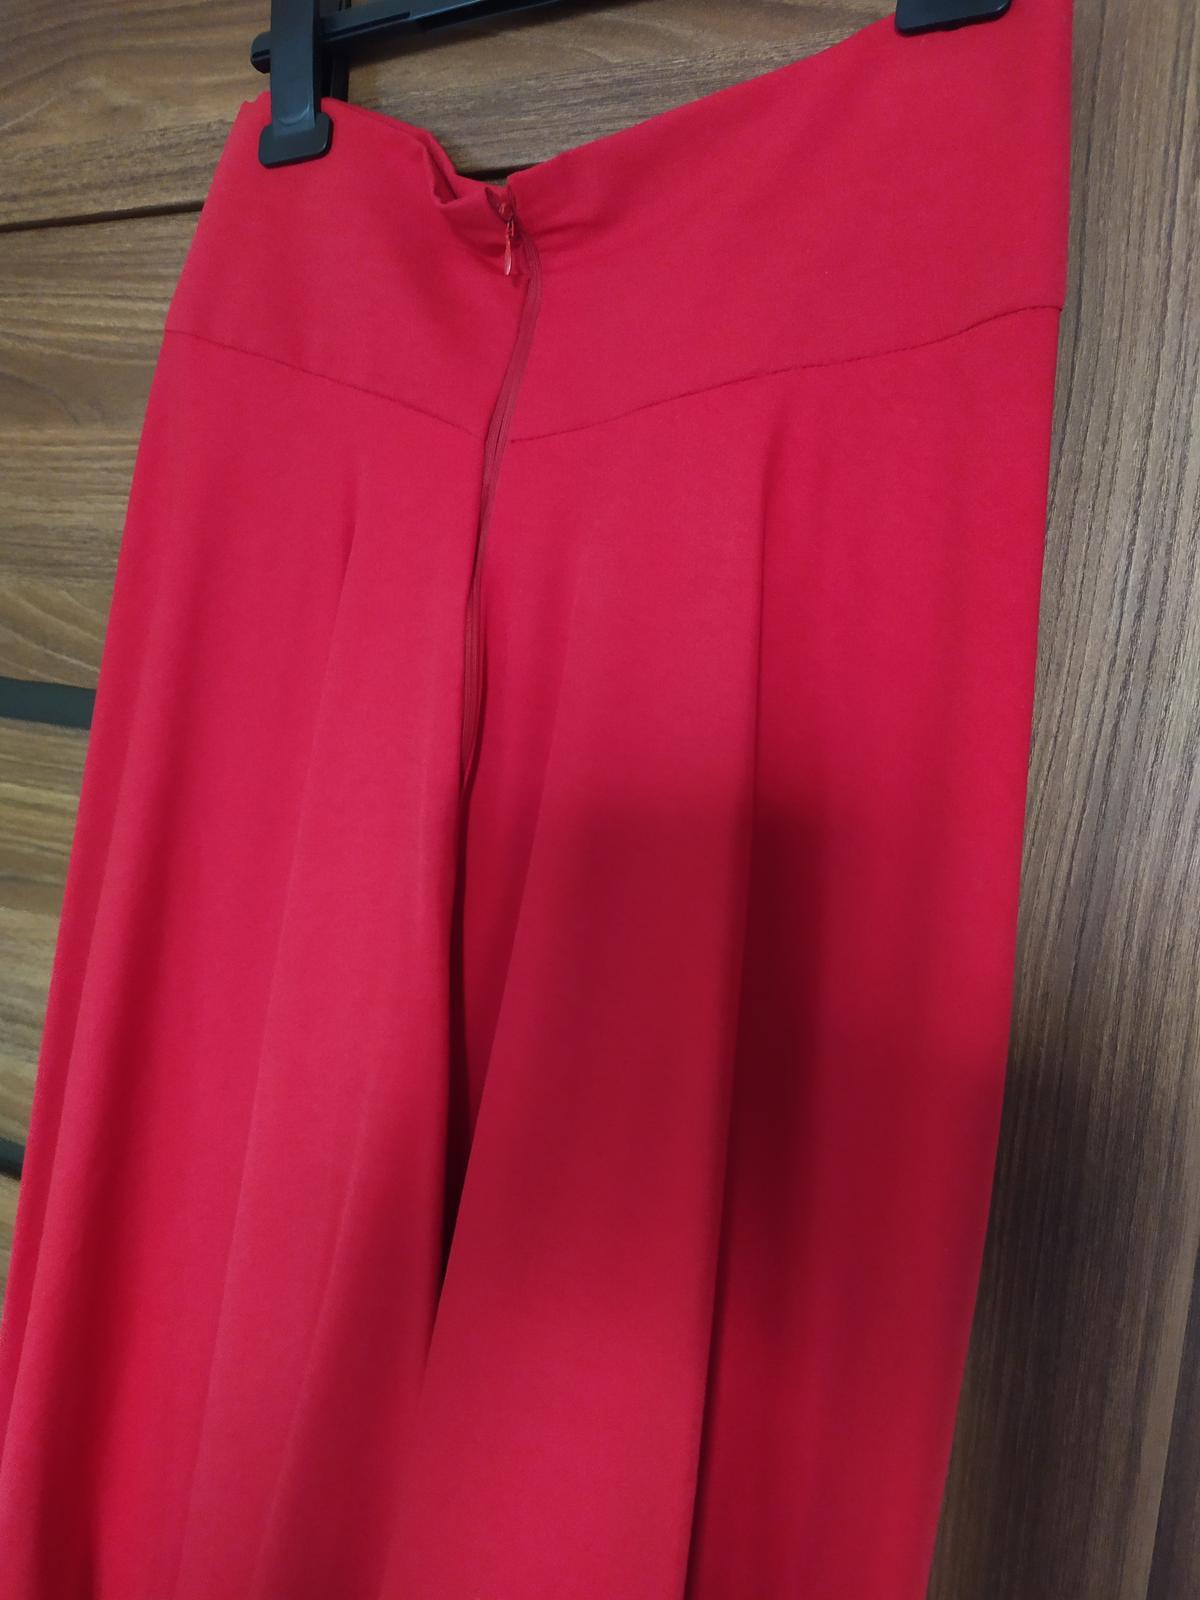 Dlhá červená sukňa s vysokým pásom - Obrázok č. 4